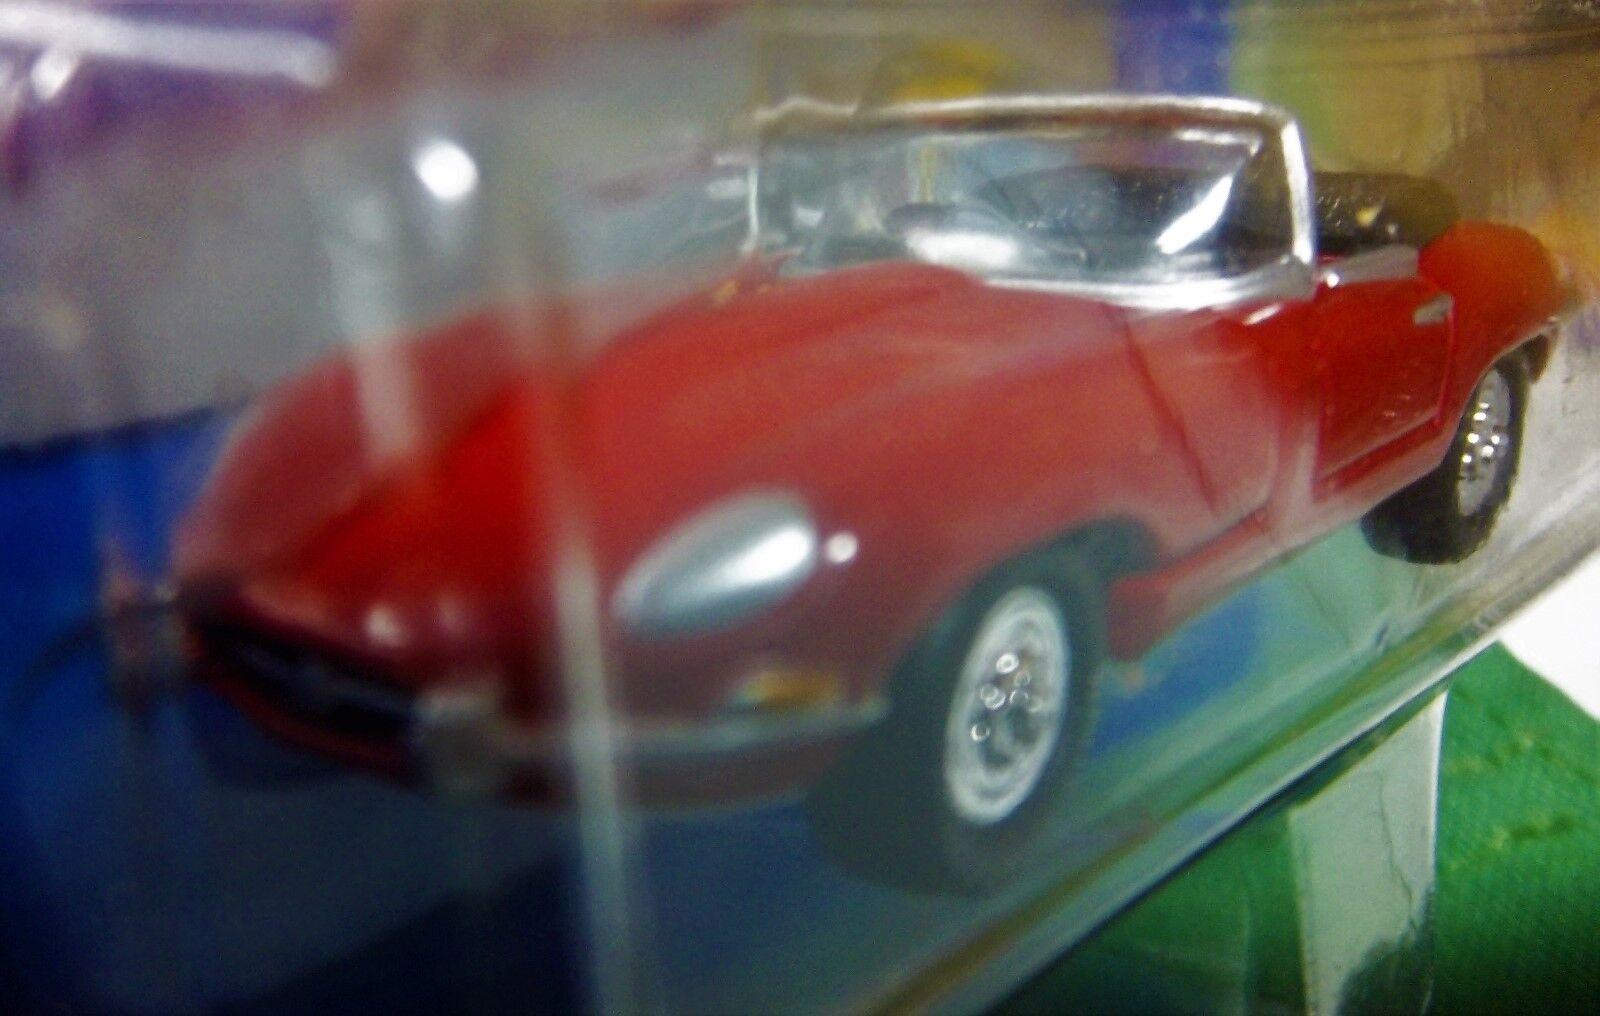 62 JAGUAR RED XKE WHITE LIGHTNING RARE WHITE LETTER TIRE,CHASSIS 1962 XKE JAGUAR